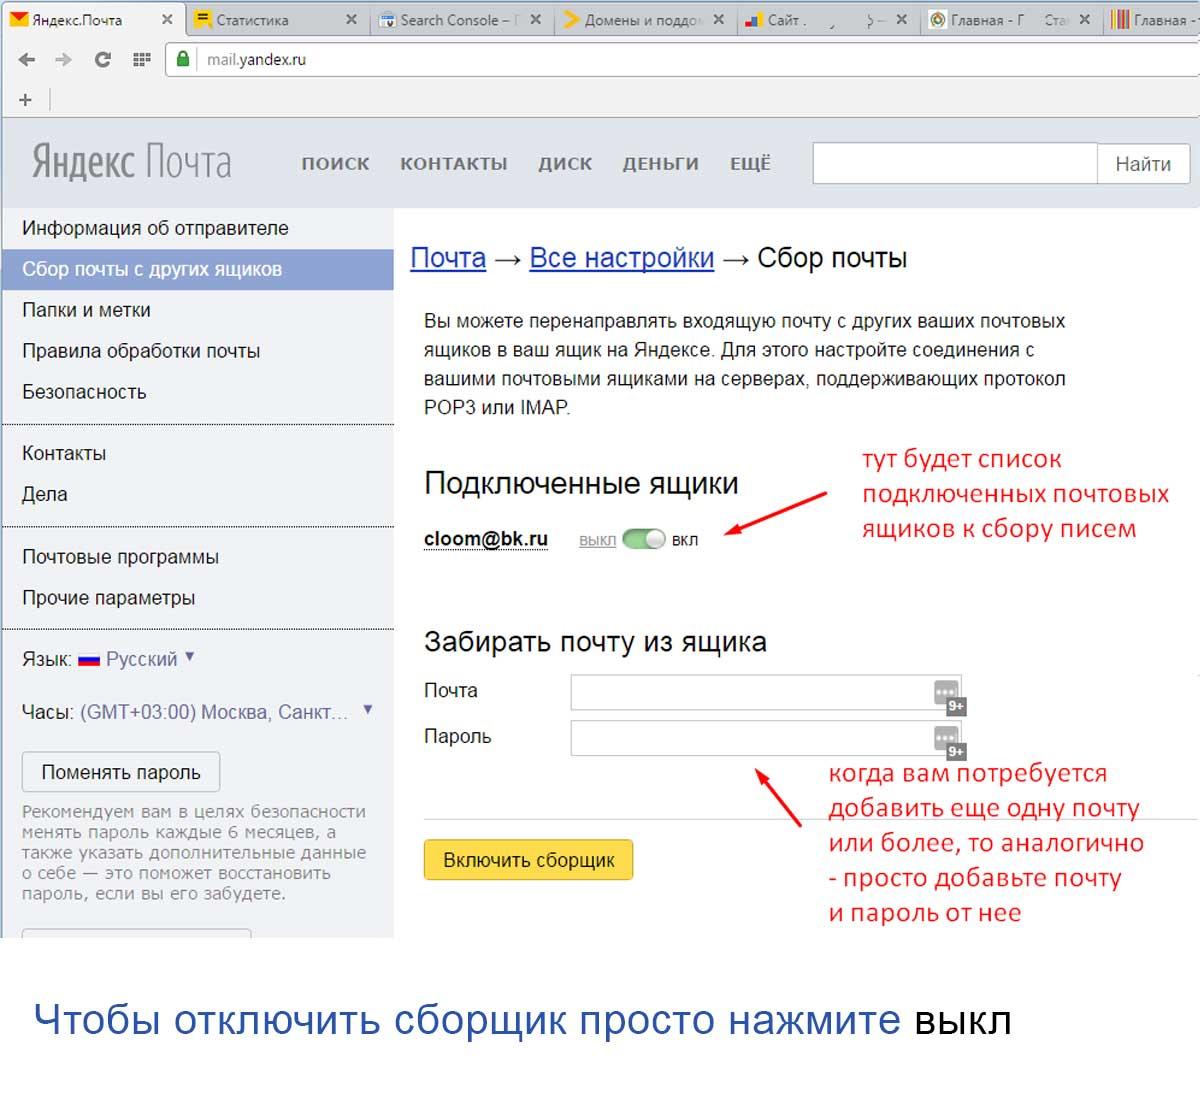 Сбор почты на Яндексе - настройка Шаг 5